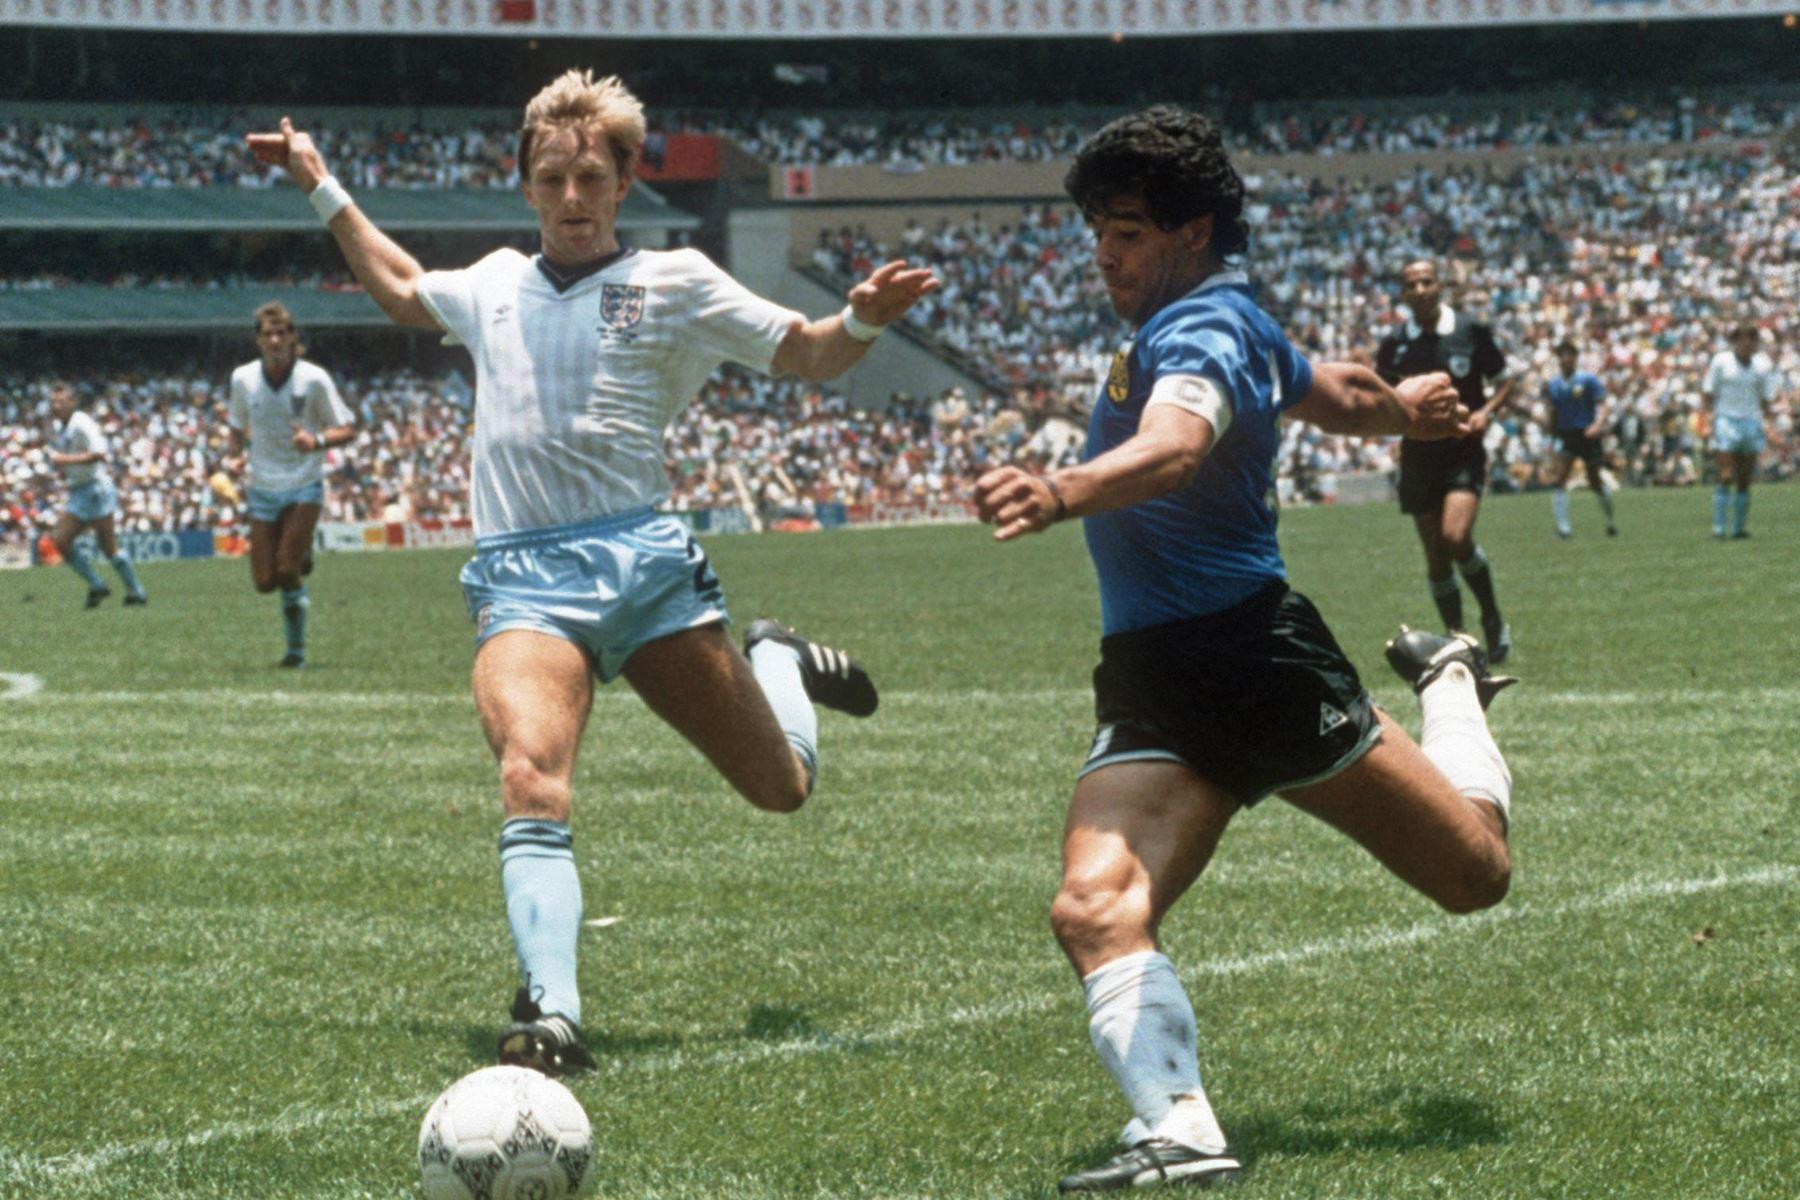 El delantero argentino Diego Maradona se prepara para cruzar el balón bajo la presión del defensor inglés Gary Stevens durante el partido de cuartos de final de la Copa del Mundo entre Argentina e Inglaterra, el 22 de junio de 1986 en la Ciudad de México. Foto: AFP